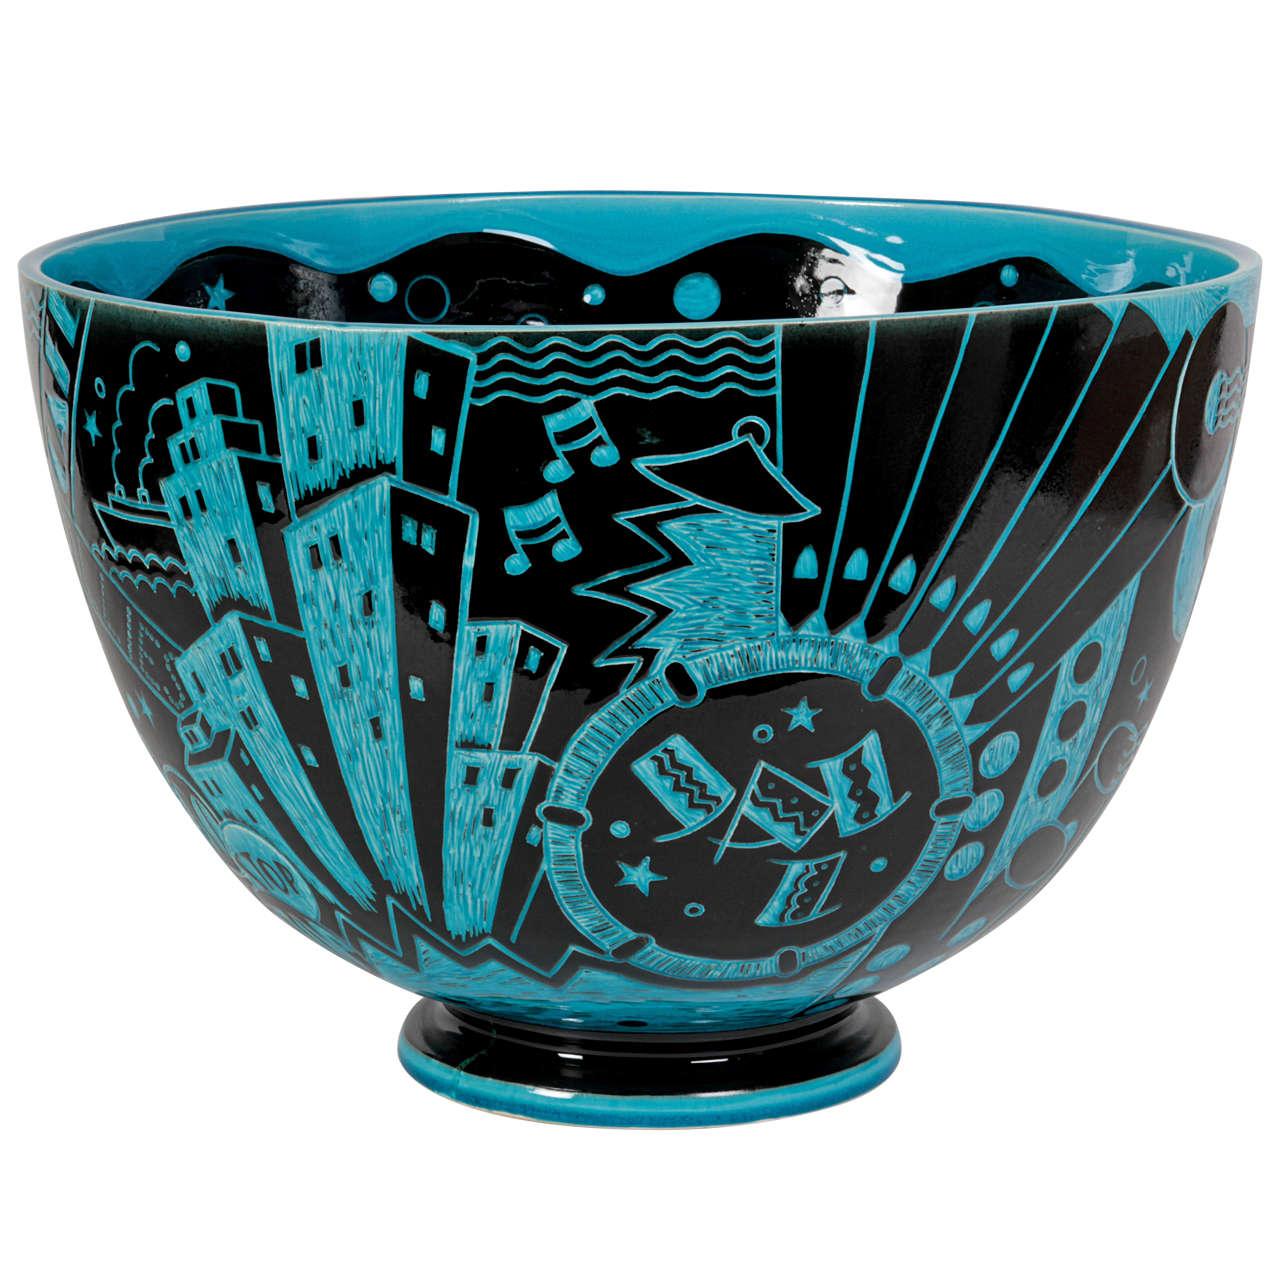 Viktor Schreckengost Cowan Pottery Jazz Bowl An